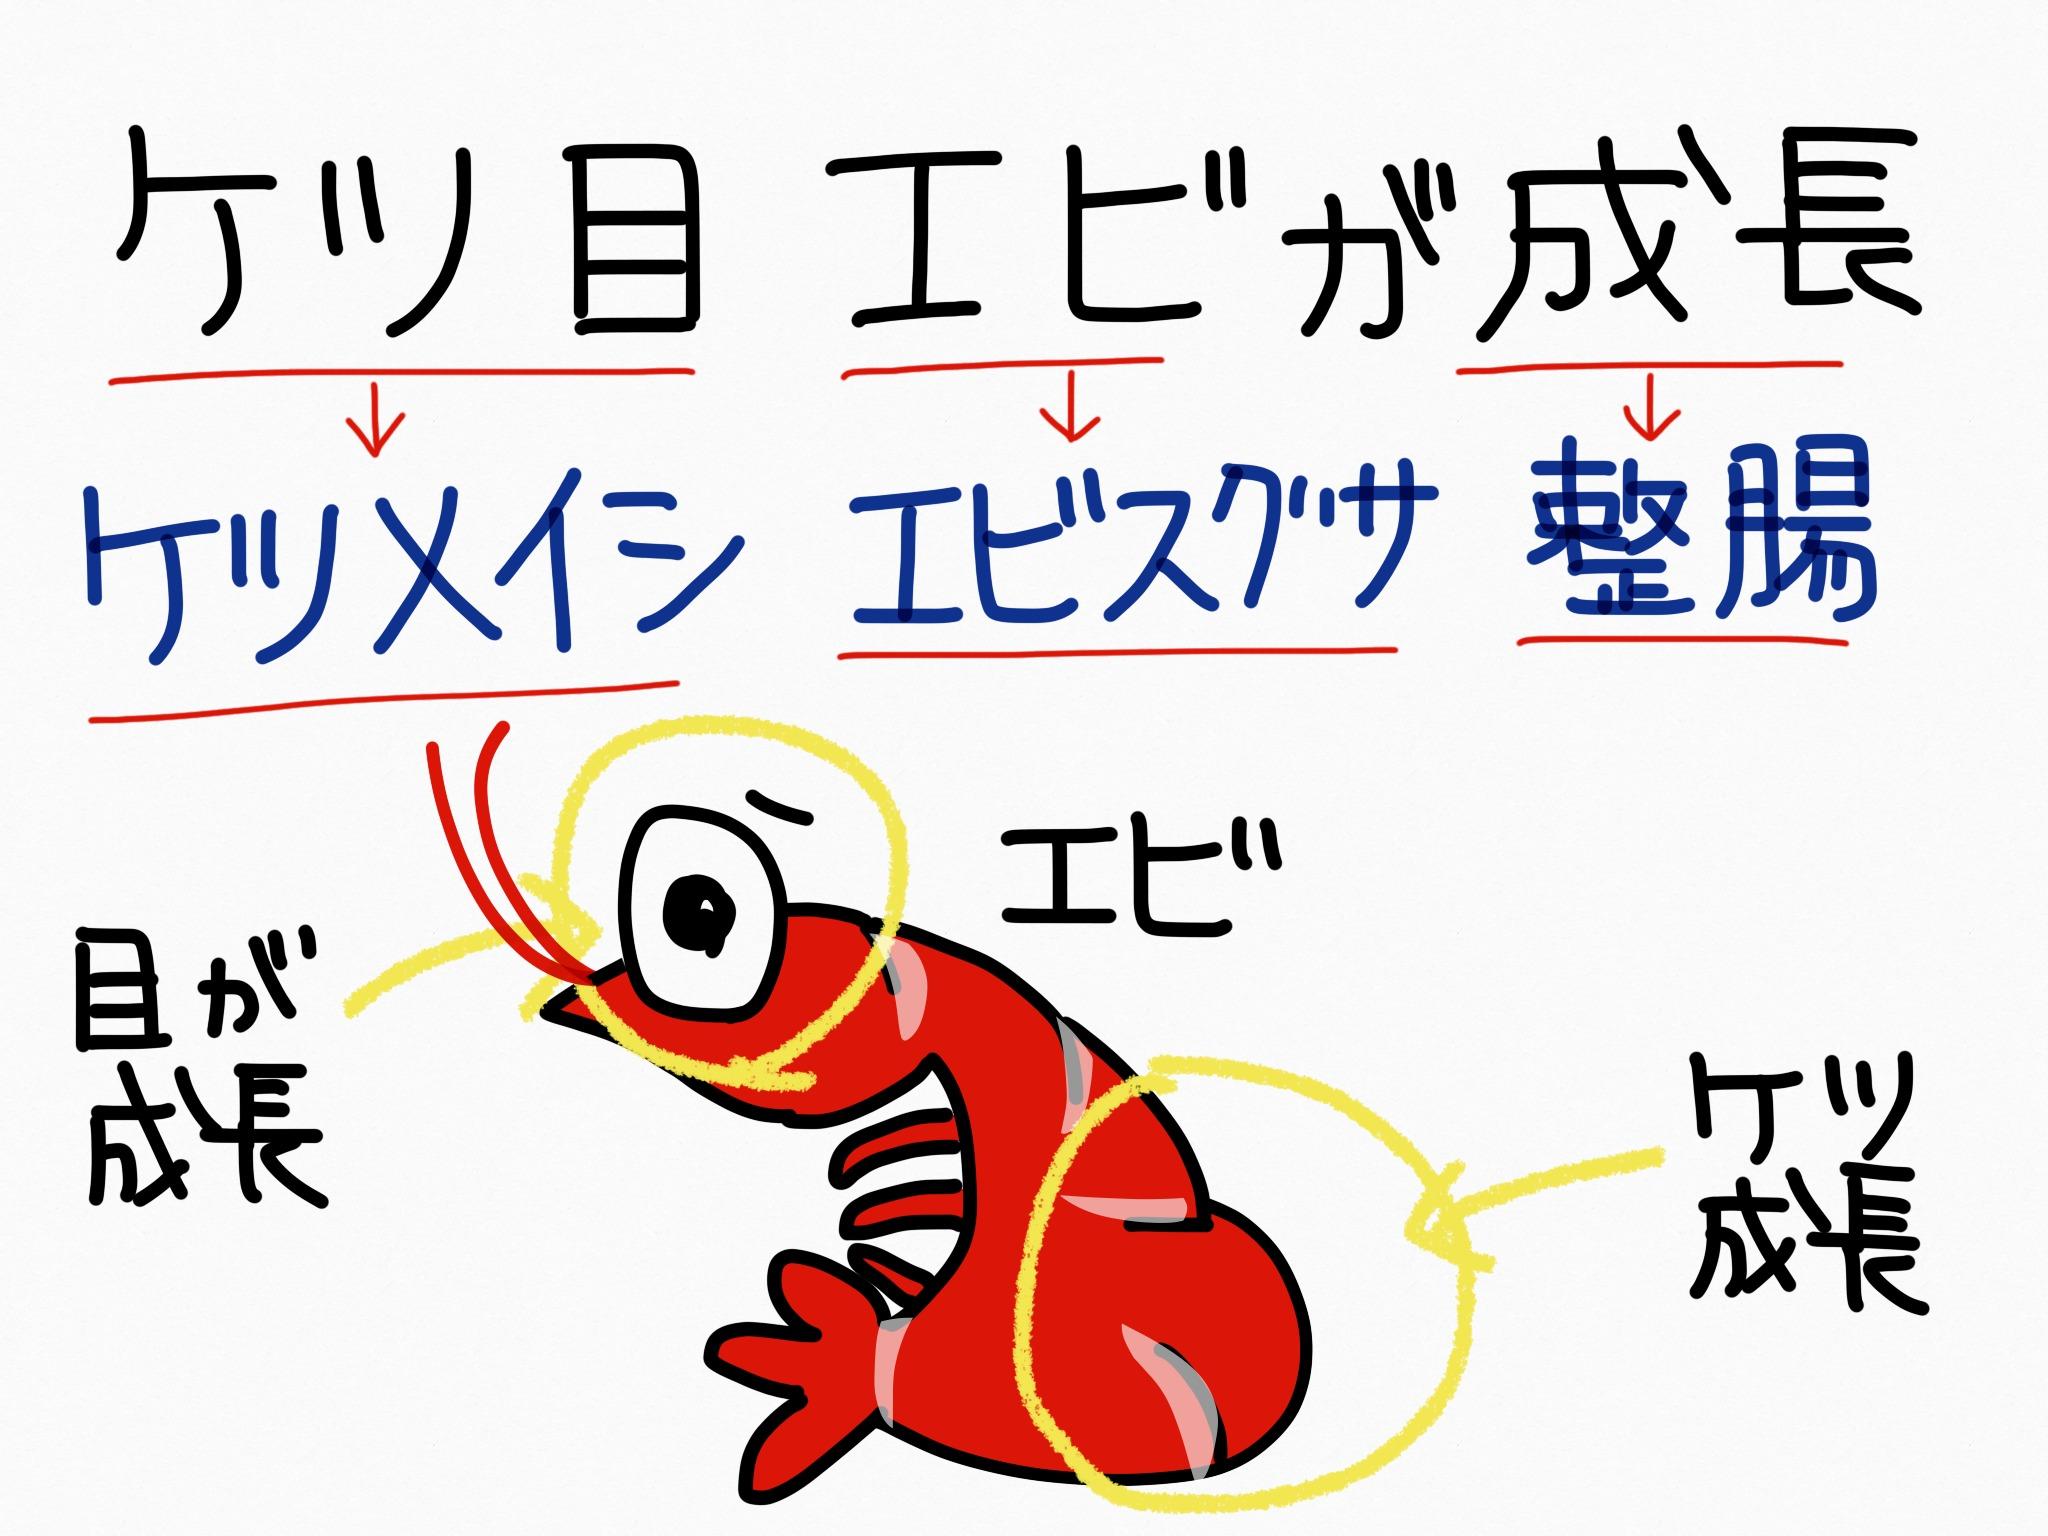 ケツメイシ[整腸薬]生薬の覚え方・暗記方法・語呂合わせ